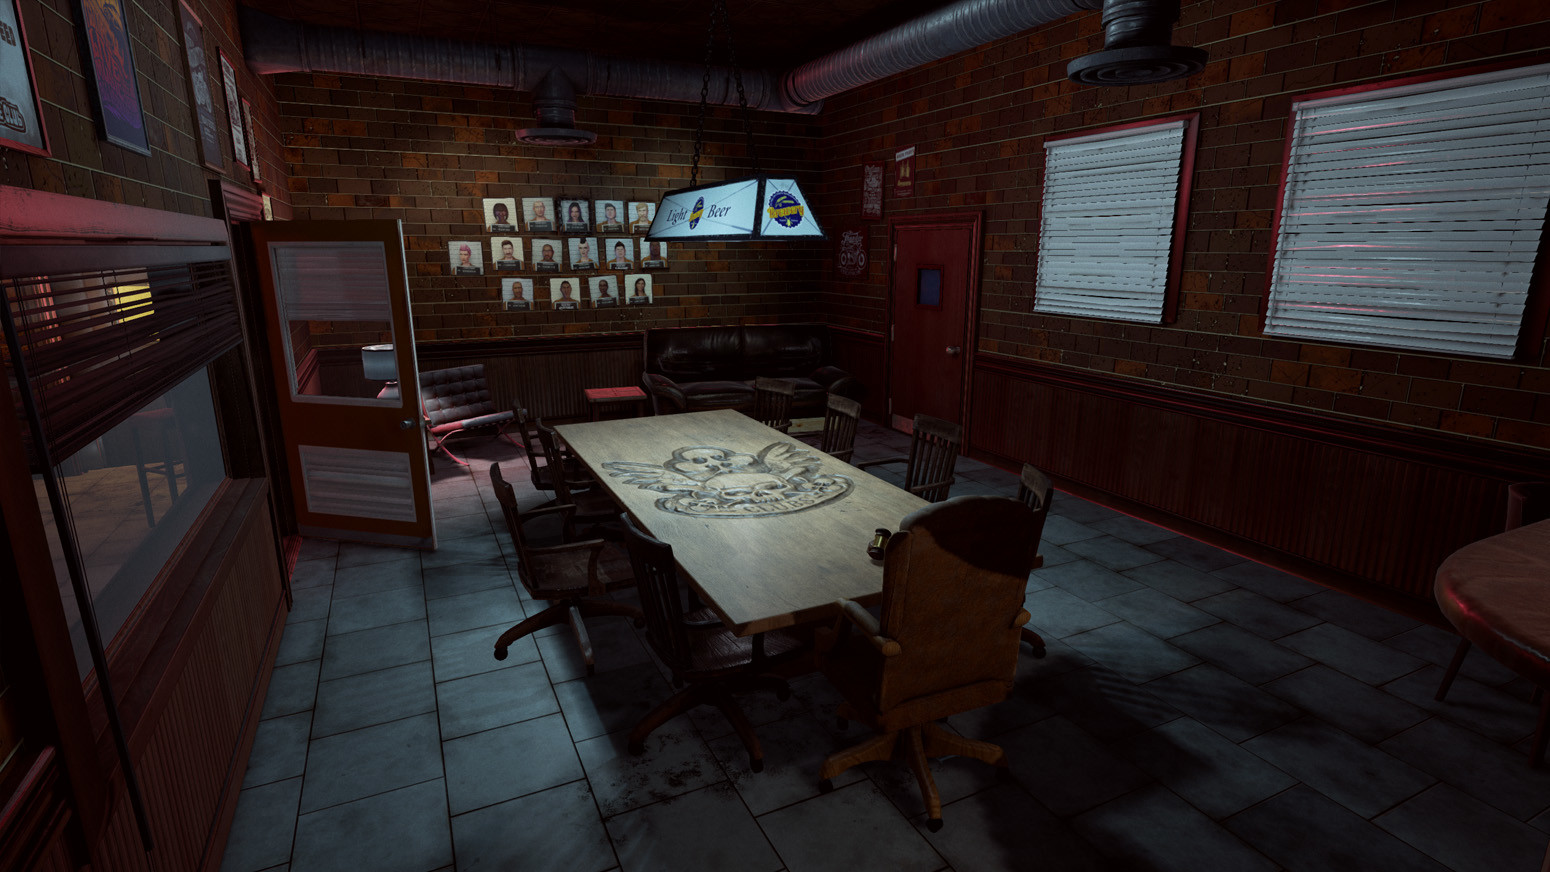 ArtStation - Prominence Poker Venues, Charles Jacobi